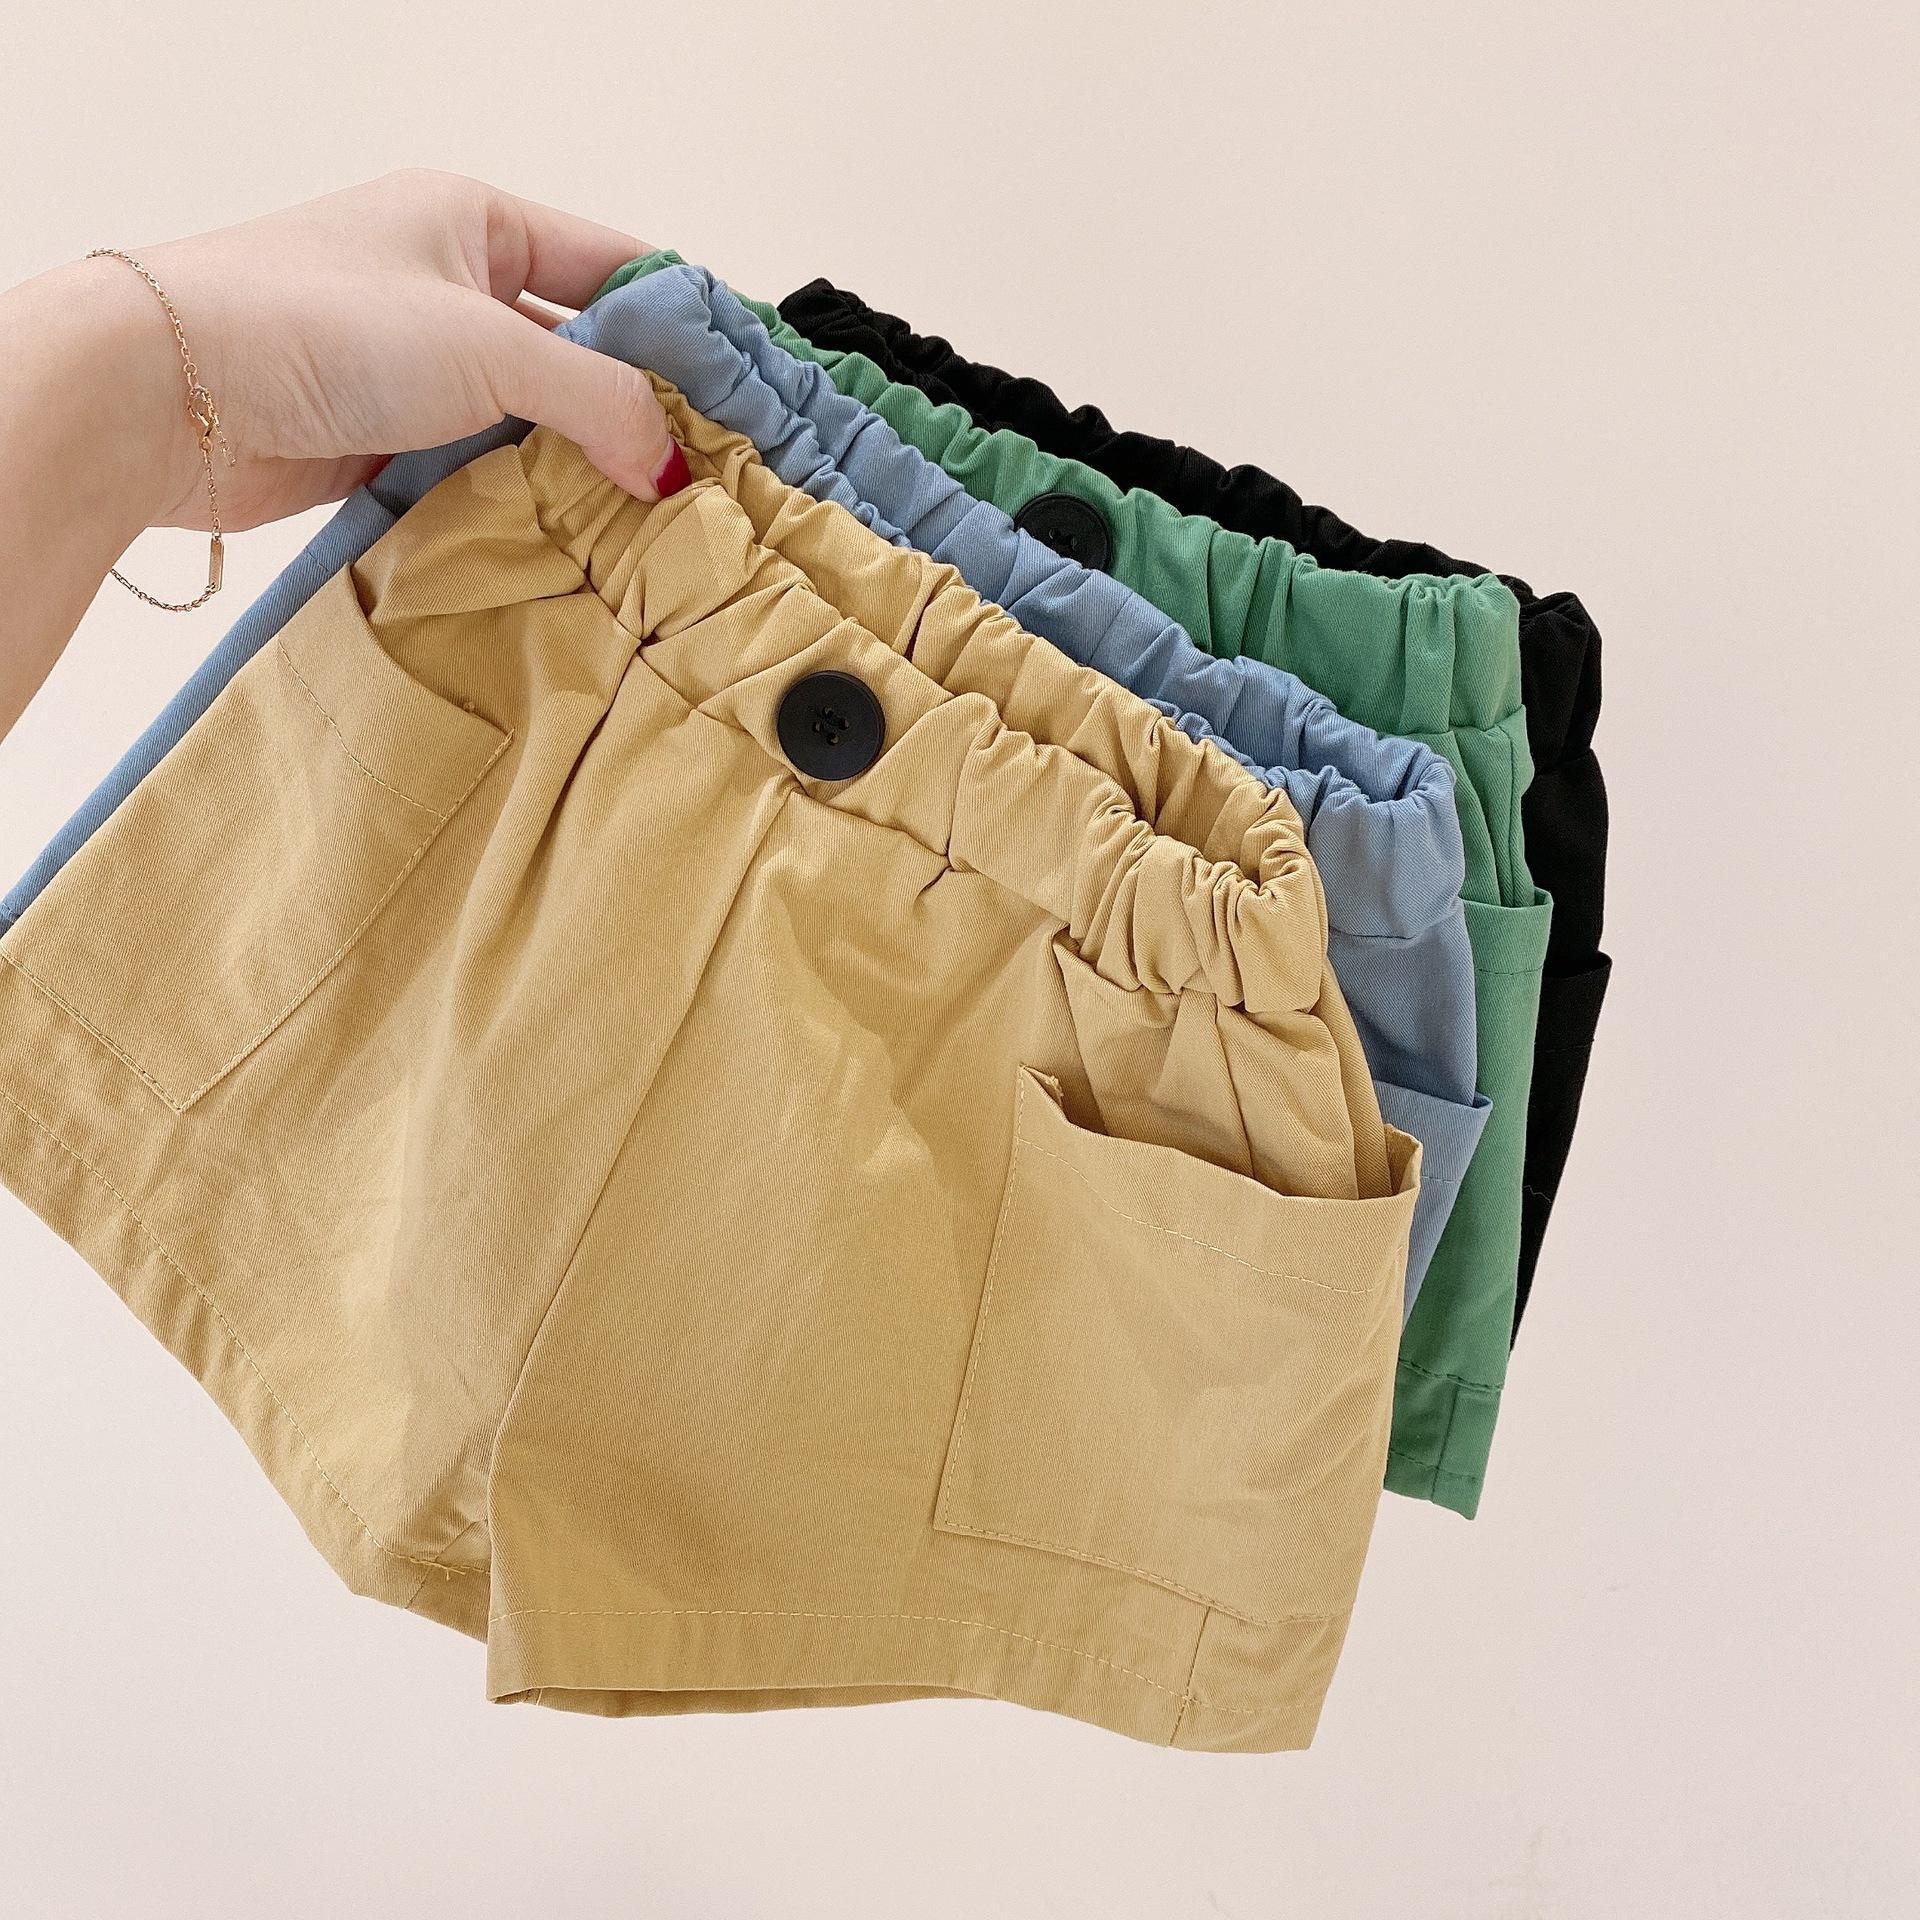 Kinder Shorts 2021 Kinderkleidung Sommer Neue Produkte für kleine und mittlere Kinder Solid Color All Match Casual Shorts Side Larg